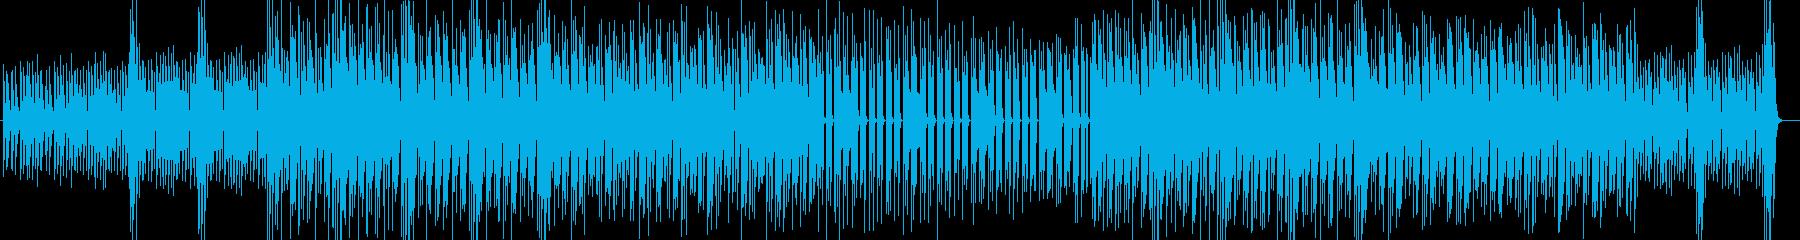 赤ちゃんのテーマソングの再生済みの波形